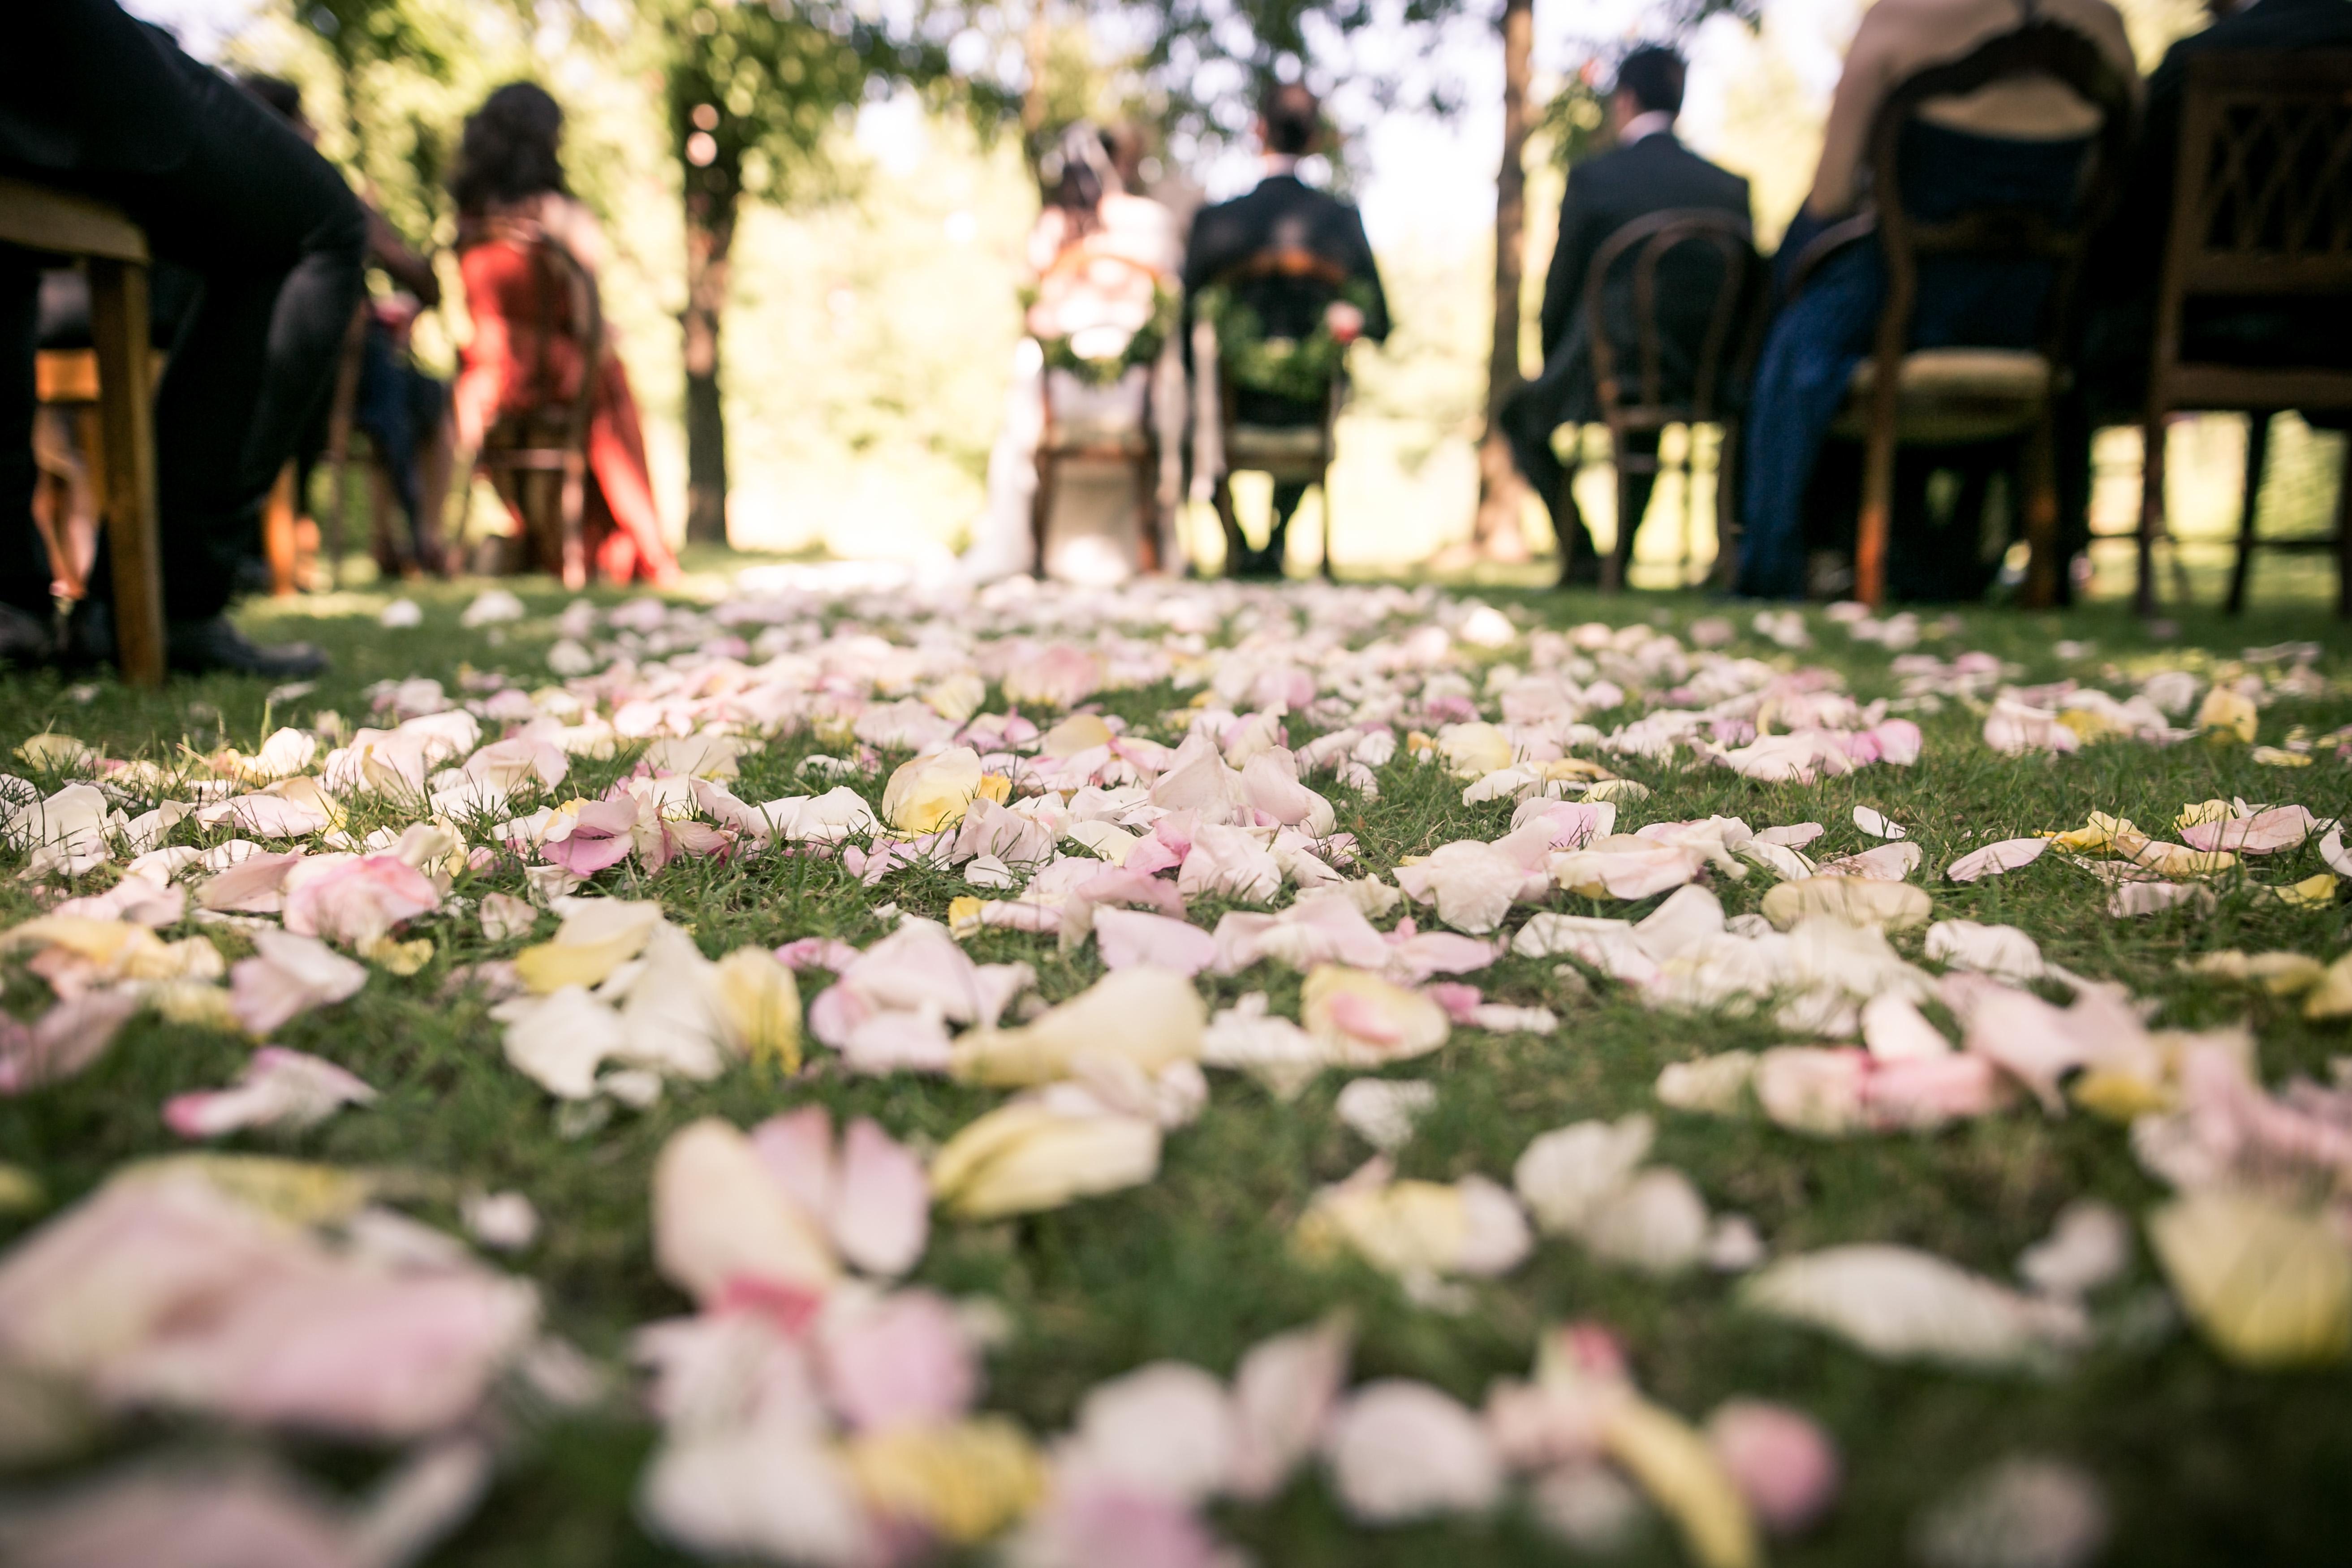 0013_gilberti_ricca_convento_annunciata_fotografi_matrimonio